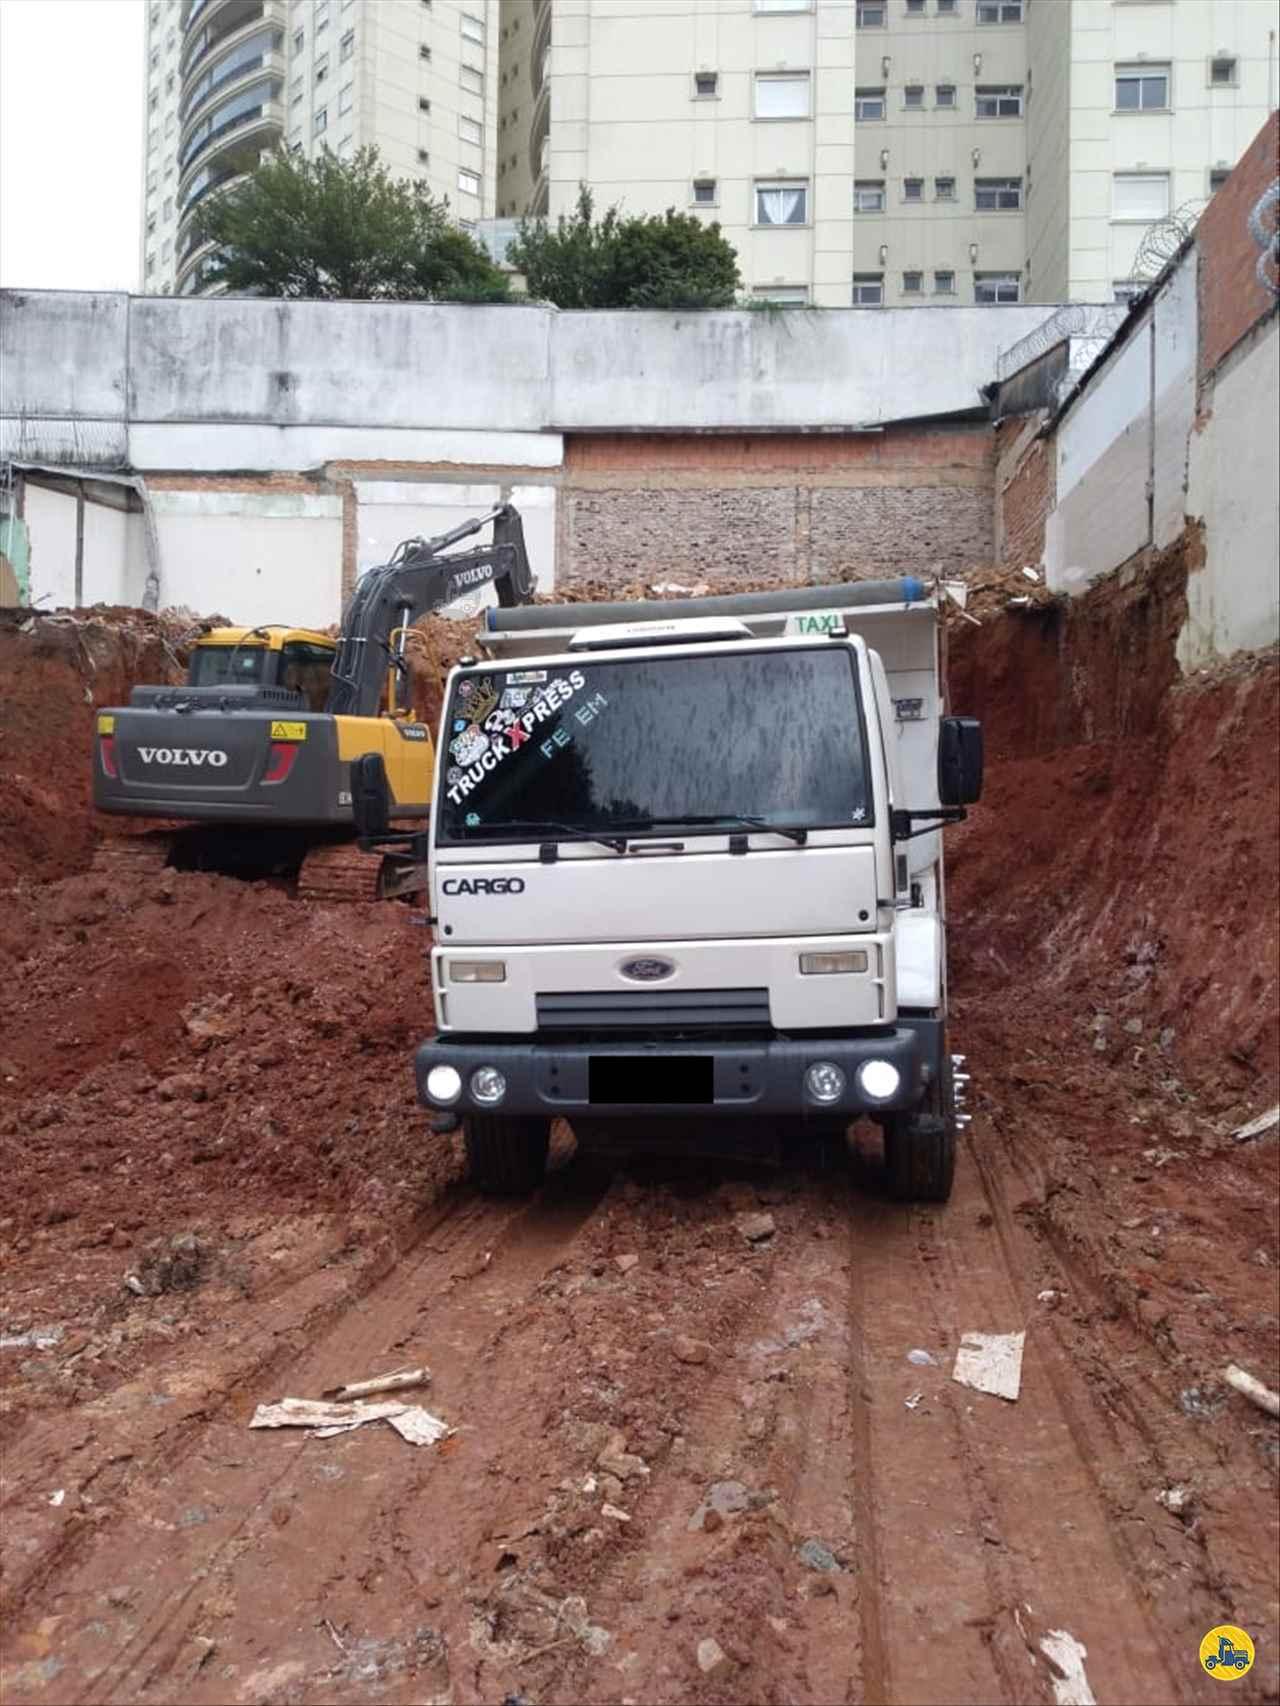 CAMINHAO FORD CARGO 2628 Caçamba Basculante Traçado 6x4 Wilson Caminhões RIBEIRAO PIRES SÃO PAULO SP